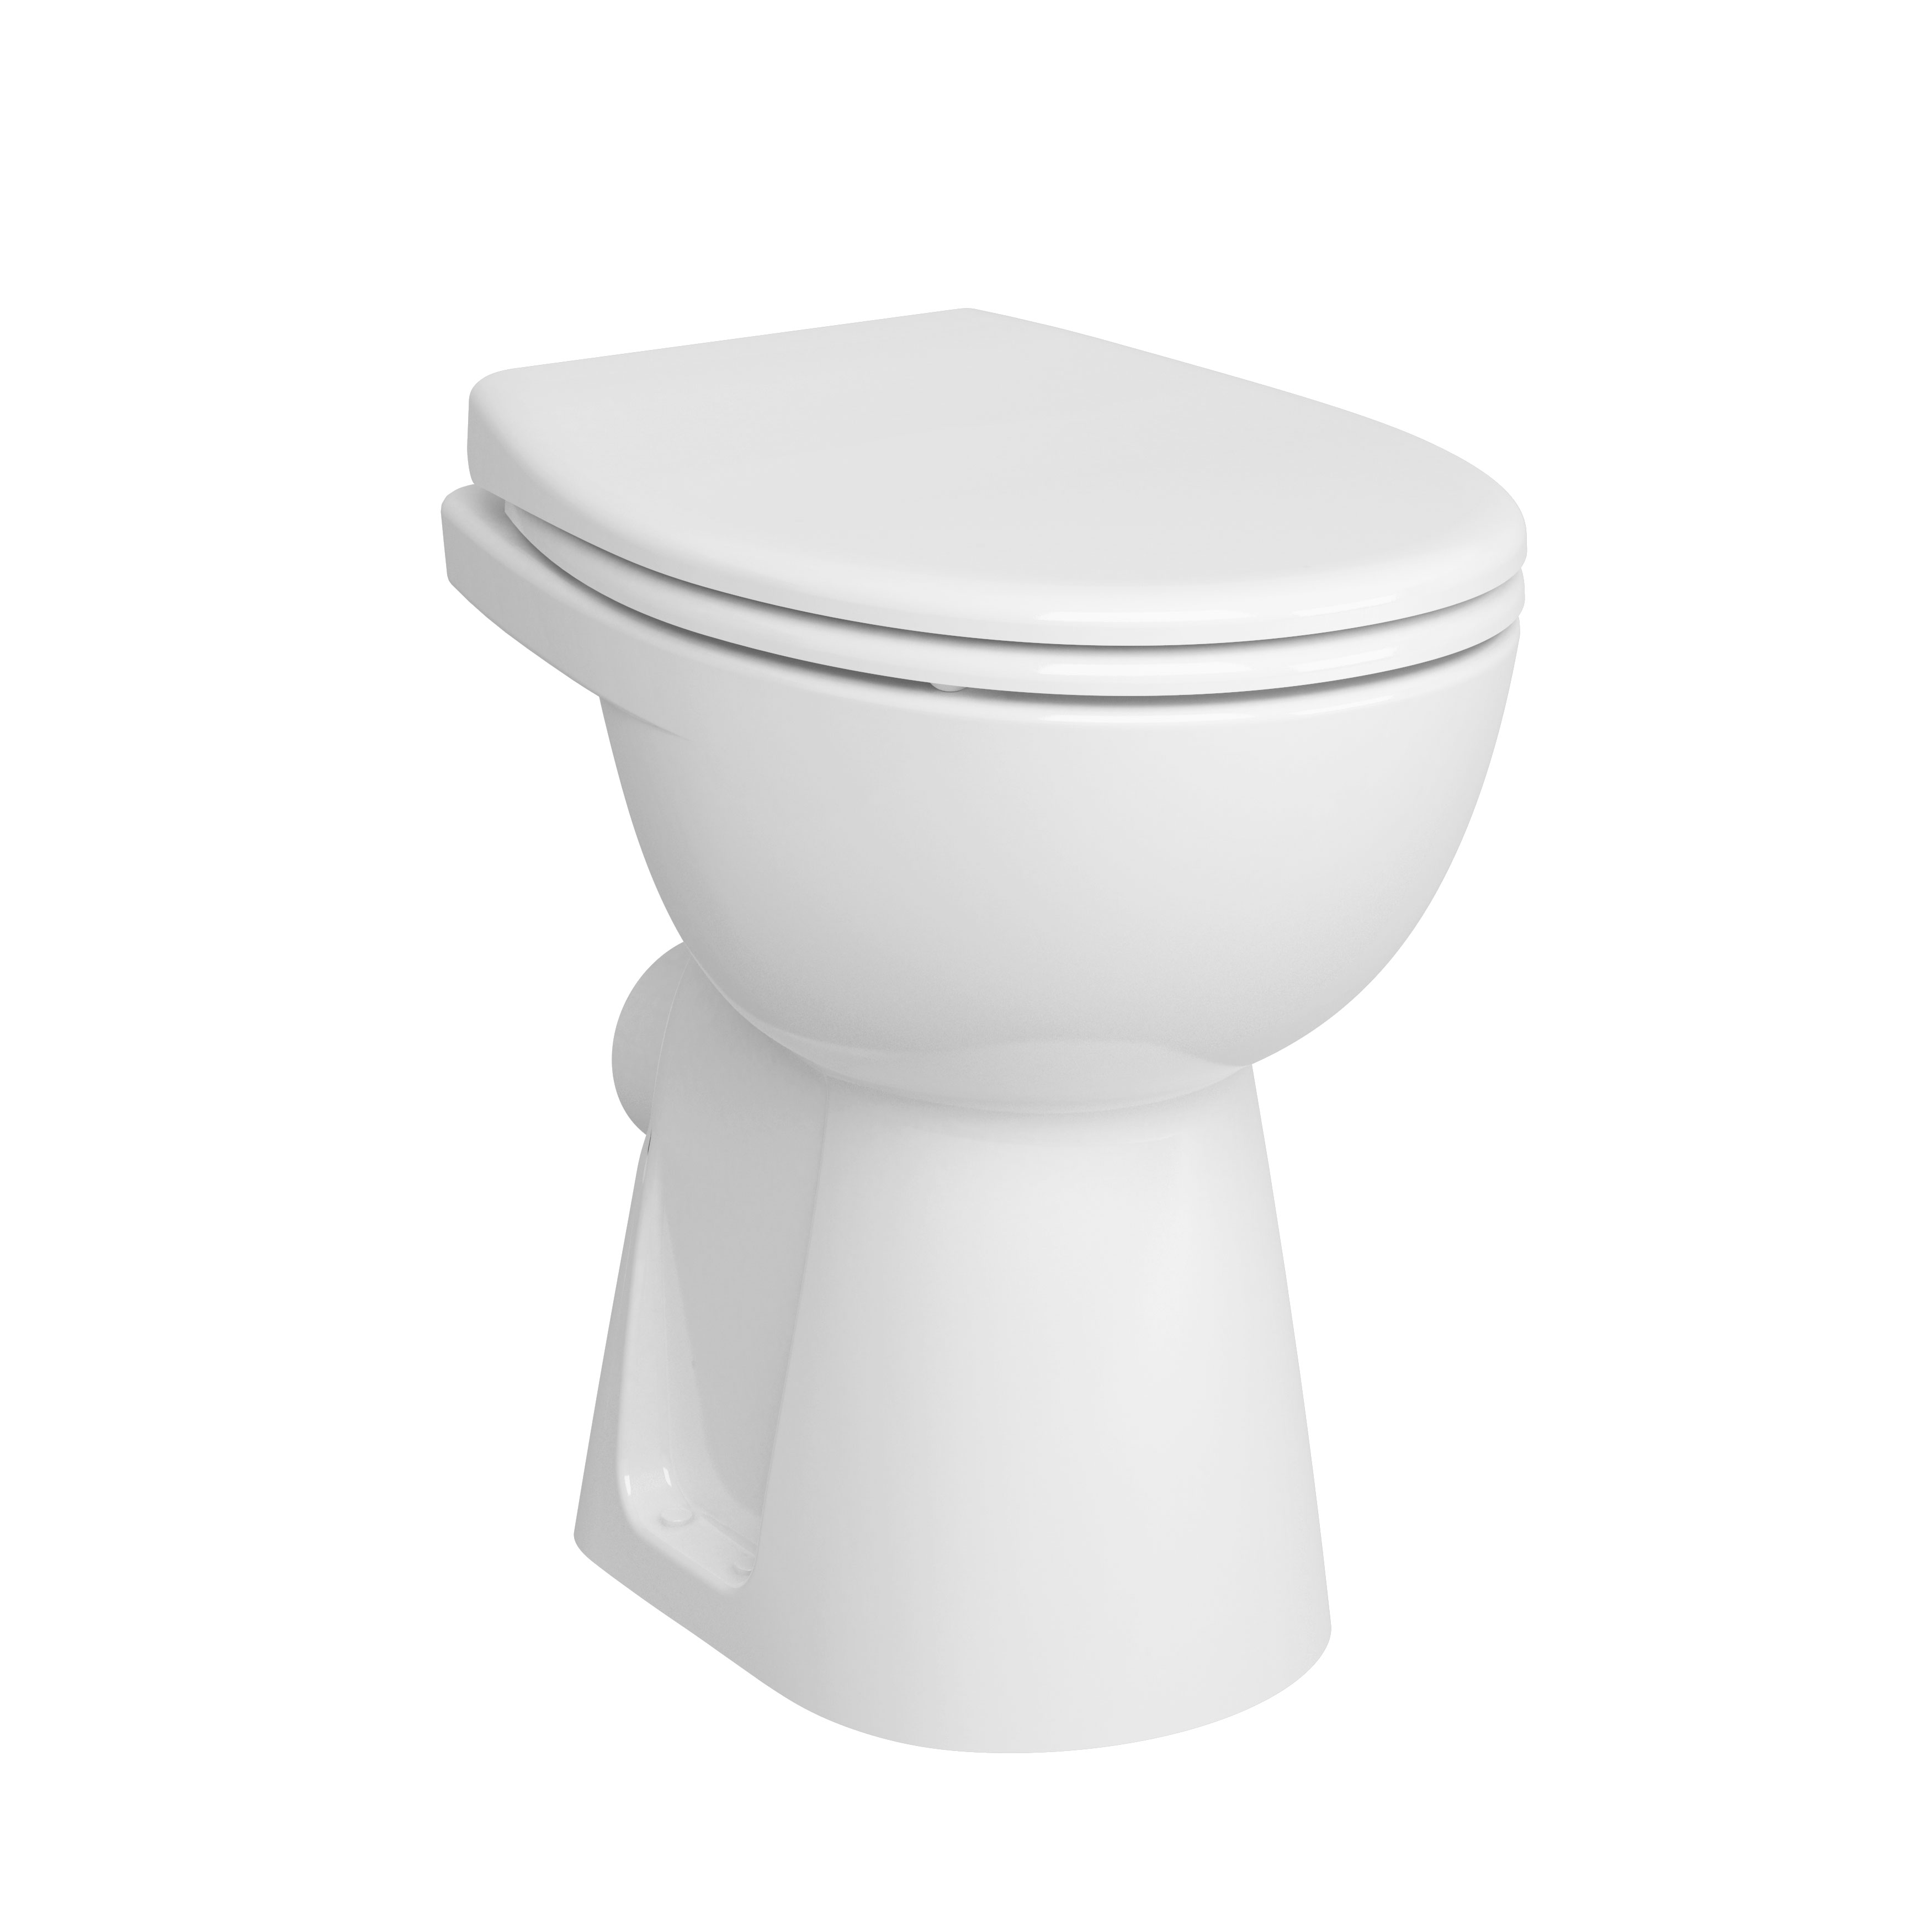 Conforma WC à poser PMR sans bride, sortie horizontale, avec trou d'abattant